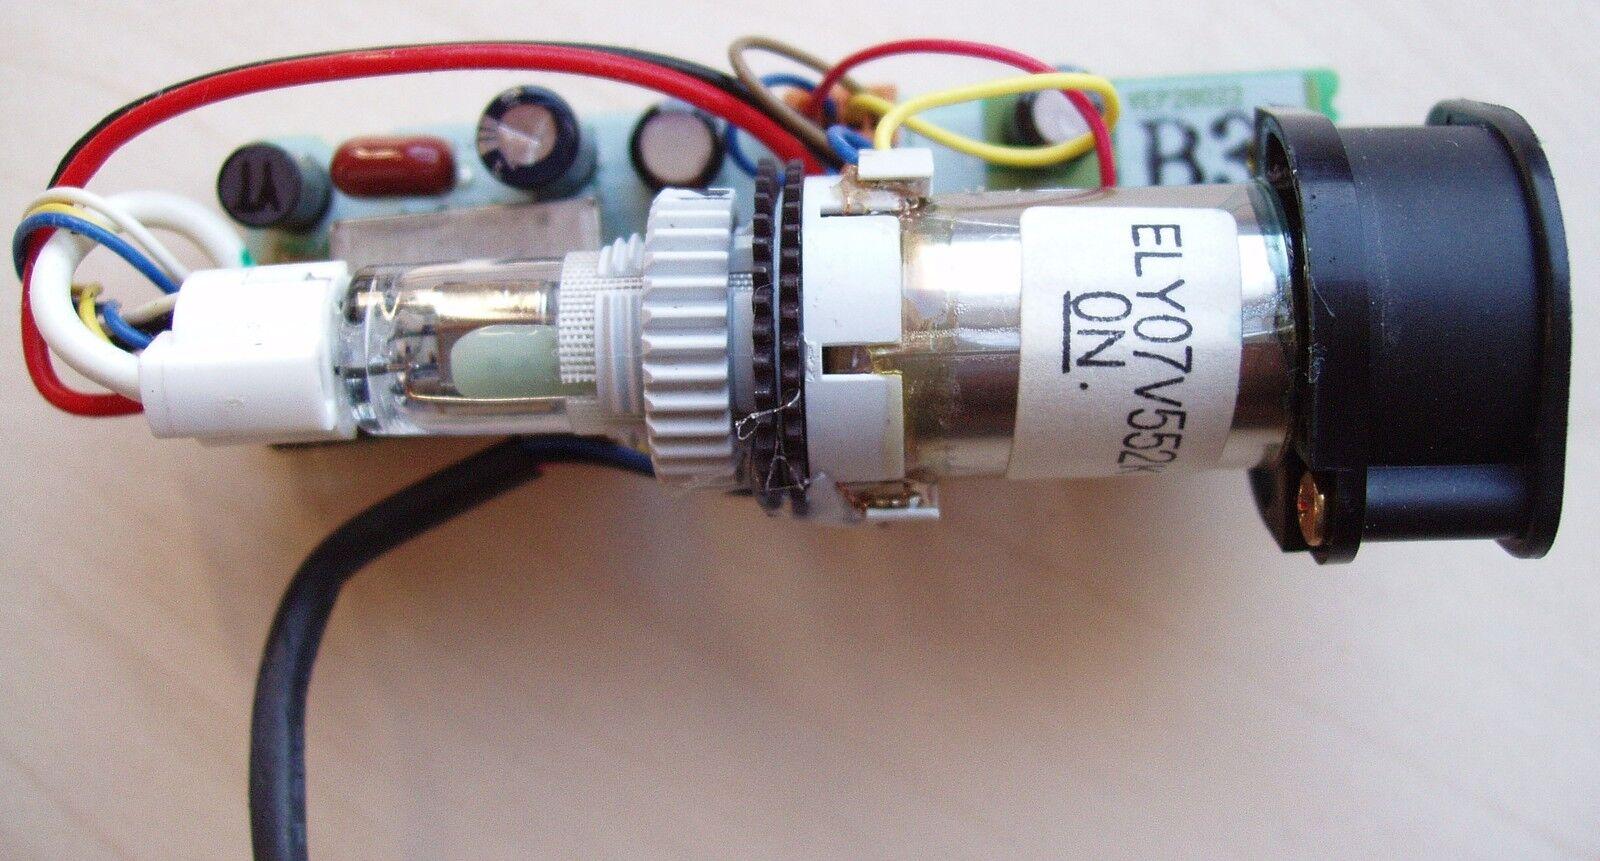 1N5819 diode de commutation ou redresseur Schottky diode .C13.2.2